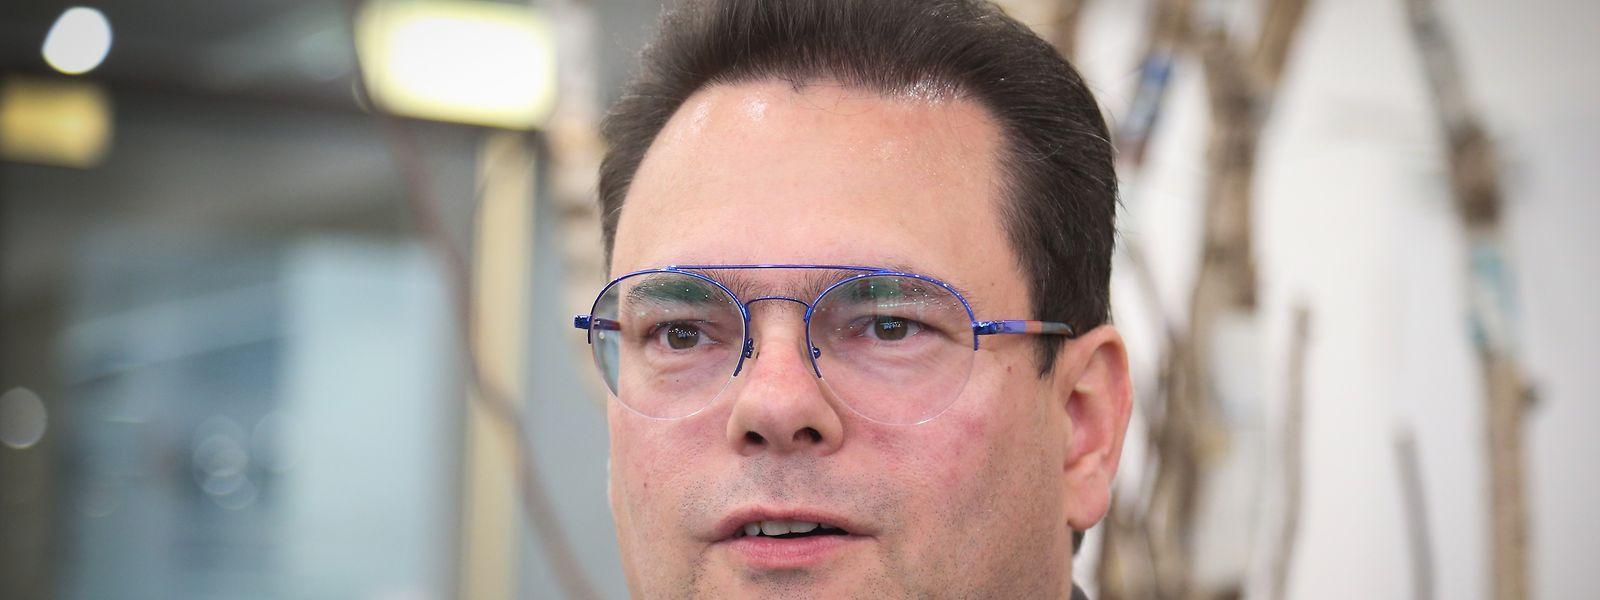 """Patrick DeRond: """"Wir wollen das Rad nicht neu erfinden, sondern die bestehenden Angebote erweitern und neue Impulse geben."""""""